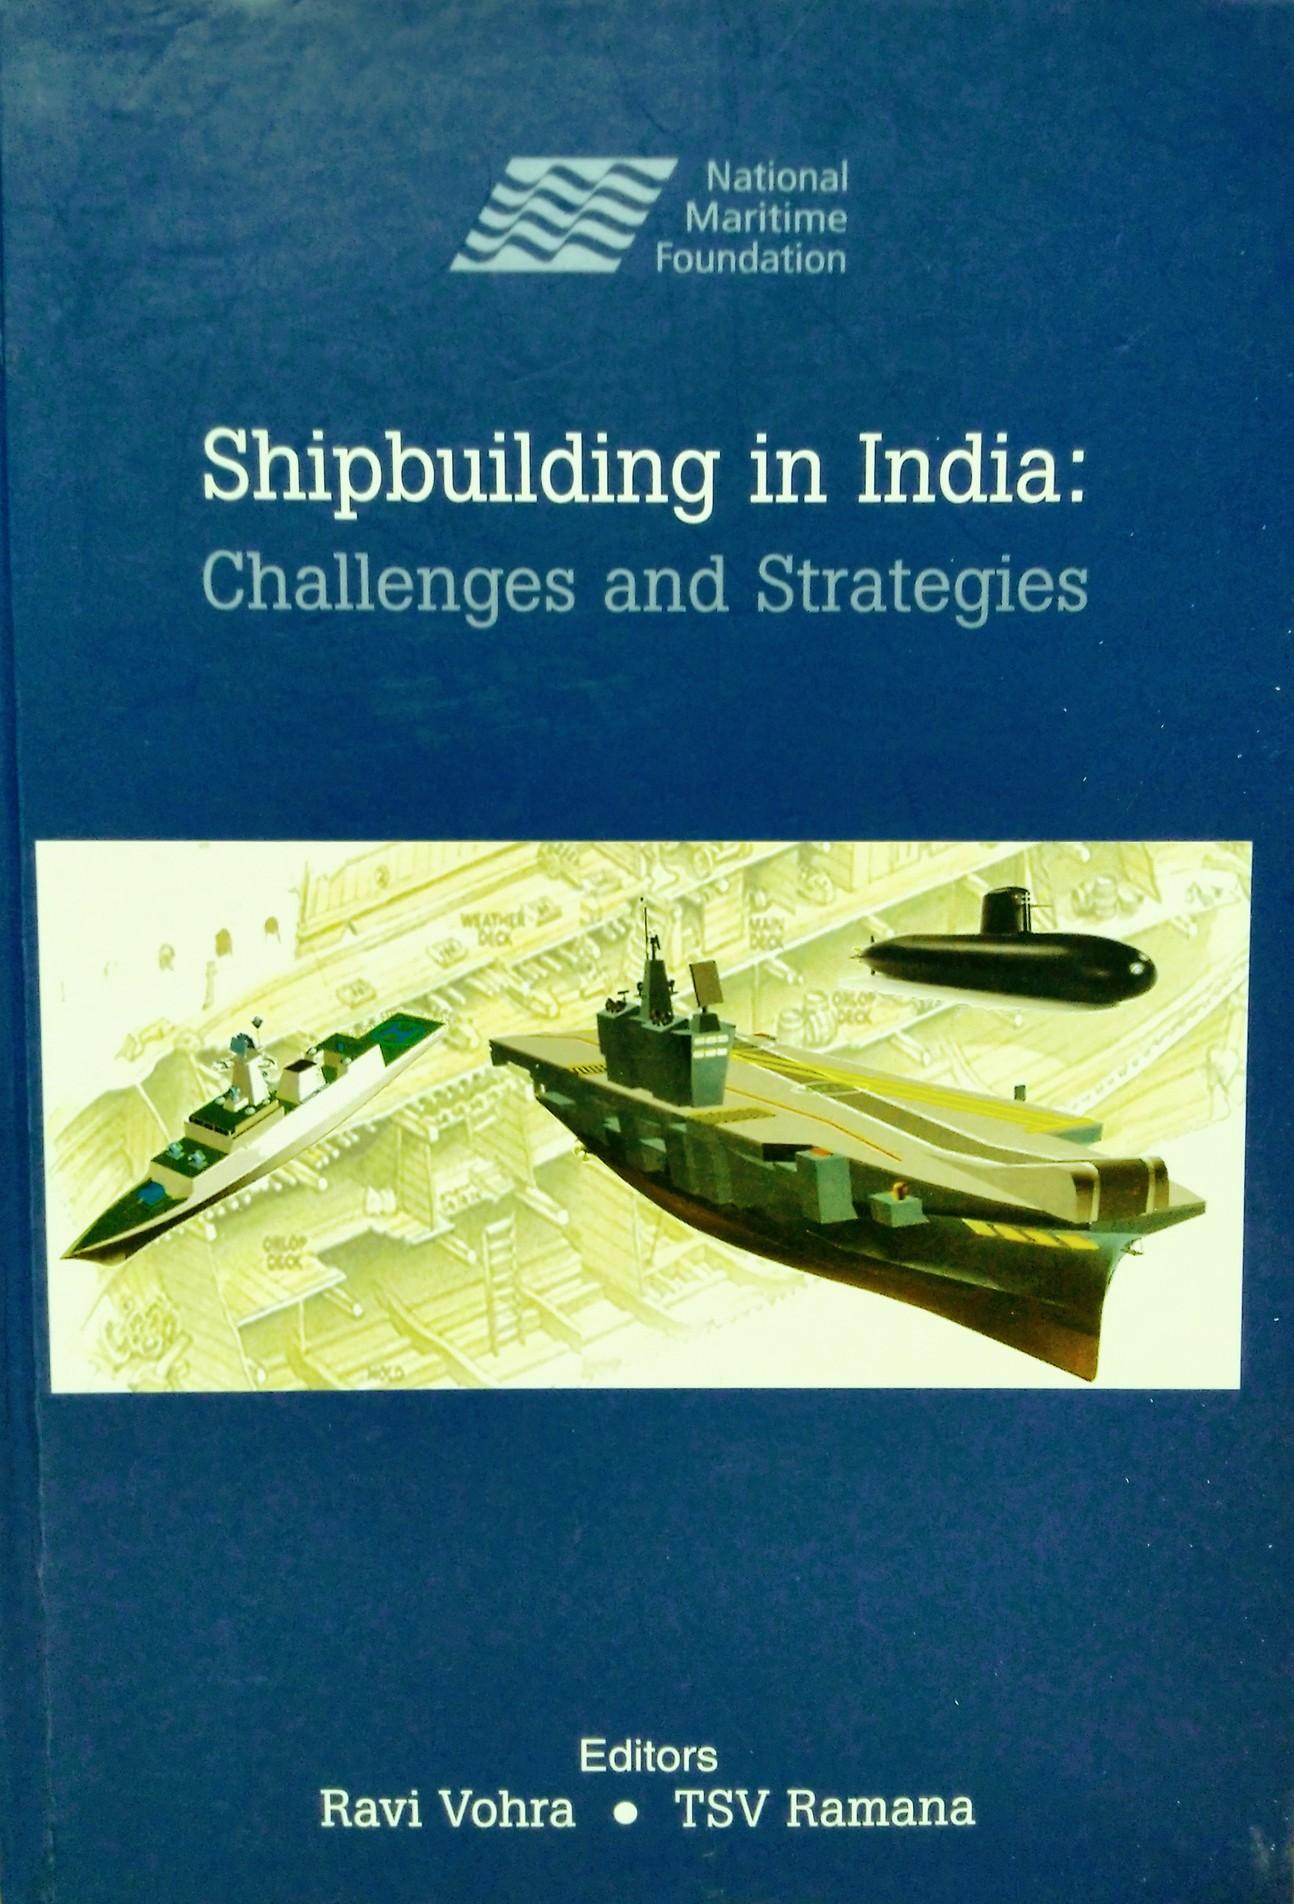 SHIPBUILDING IN INDIA